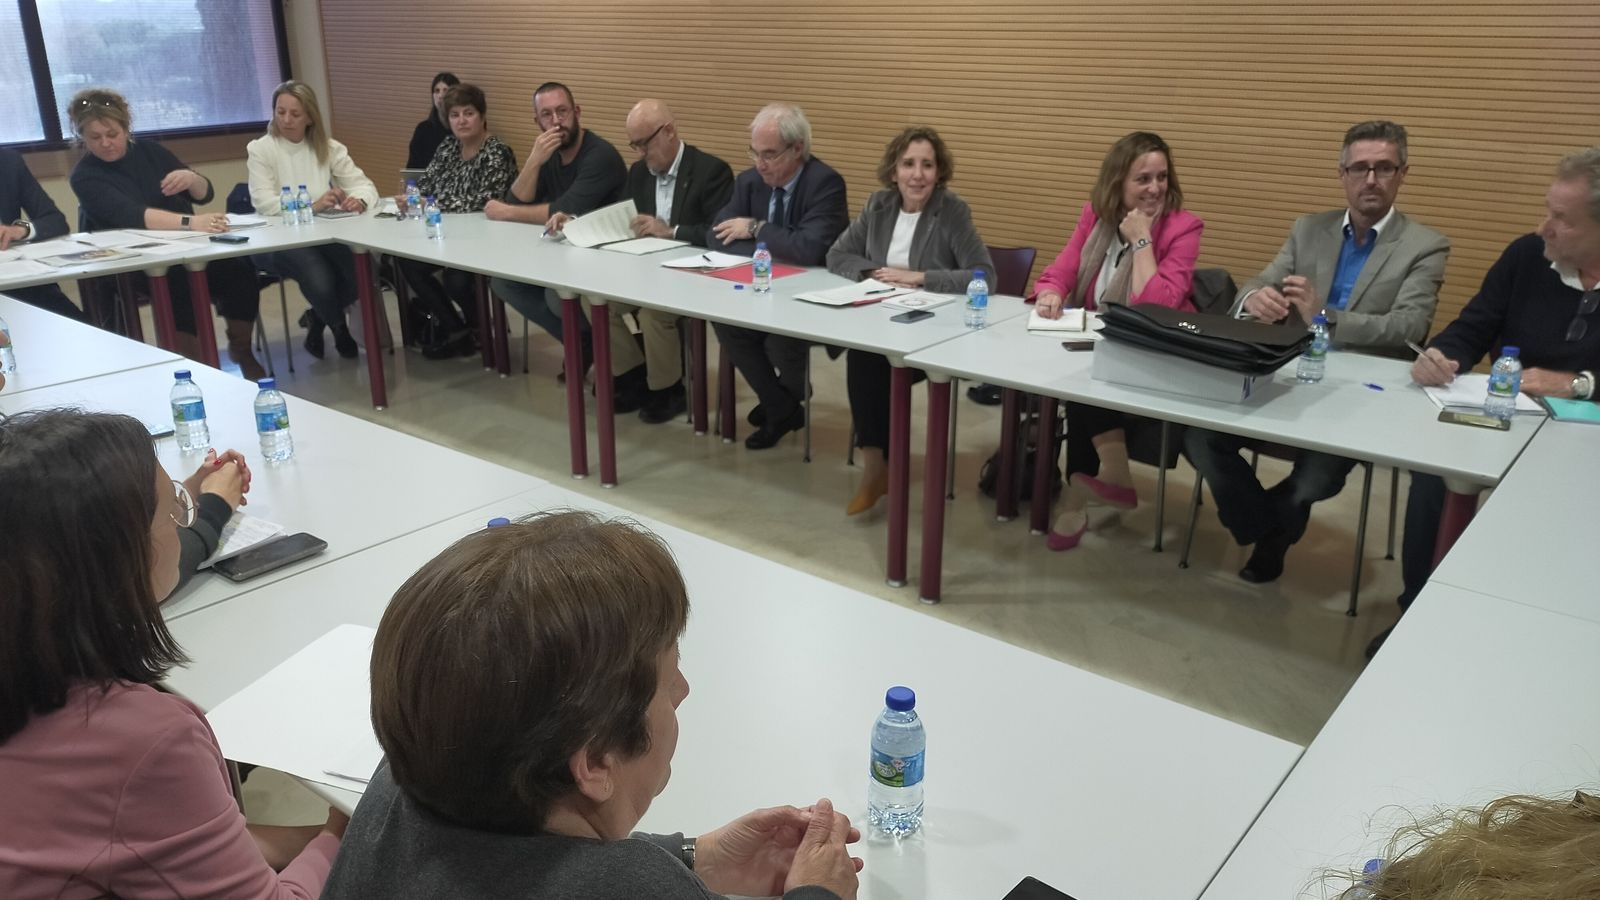 Imatge de la reunió de Calvo amb els batles del Llevant a l'Auditori de sa Màniga a Cala Millor.